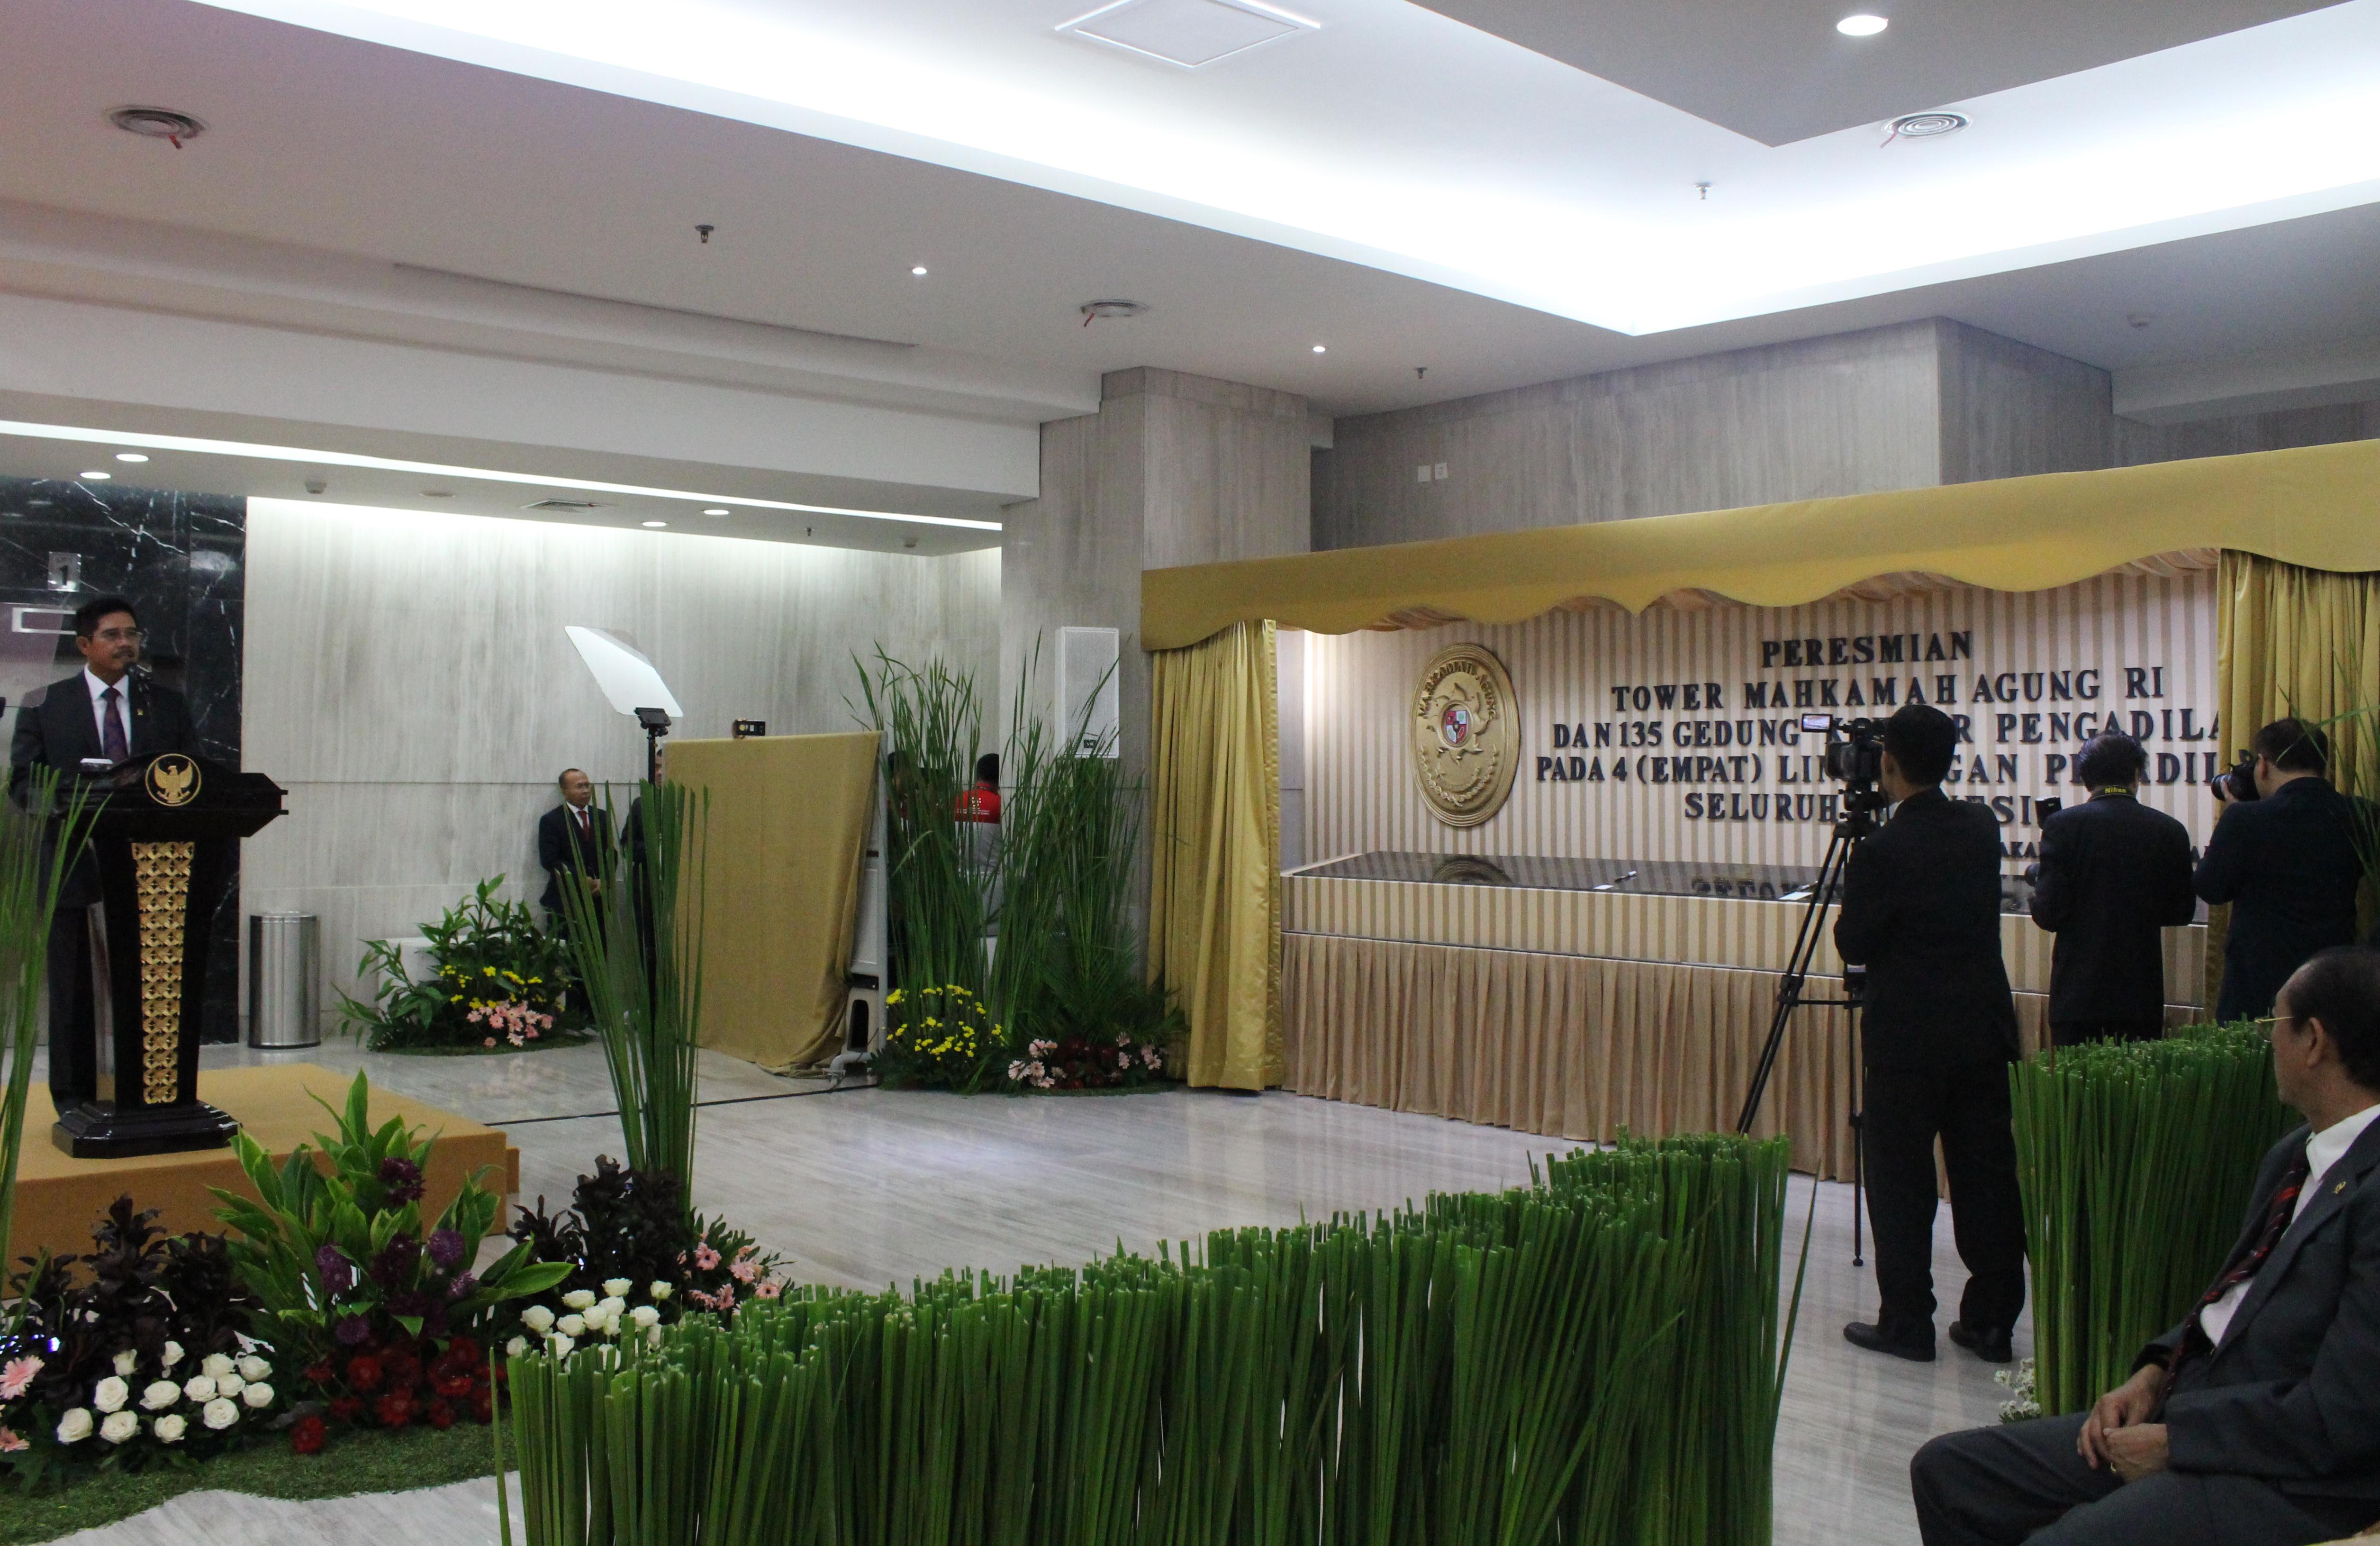 Ketua MA Resmikan Gedung Tower MA Dan 135 Gedung Pengadilan